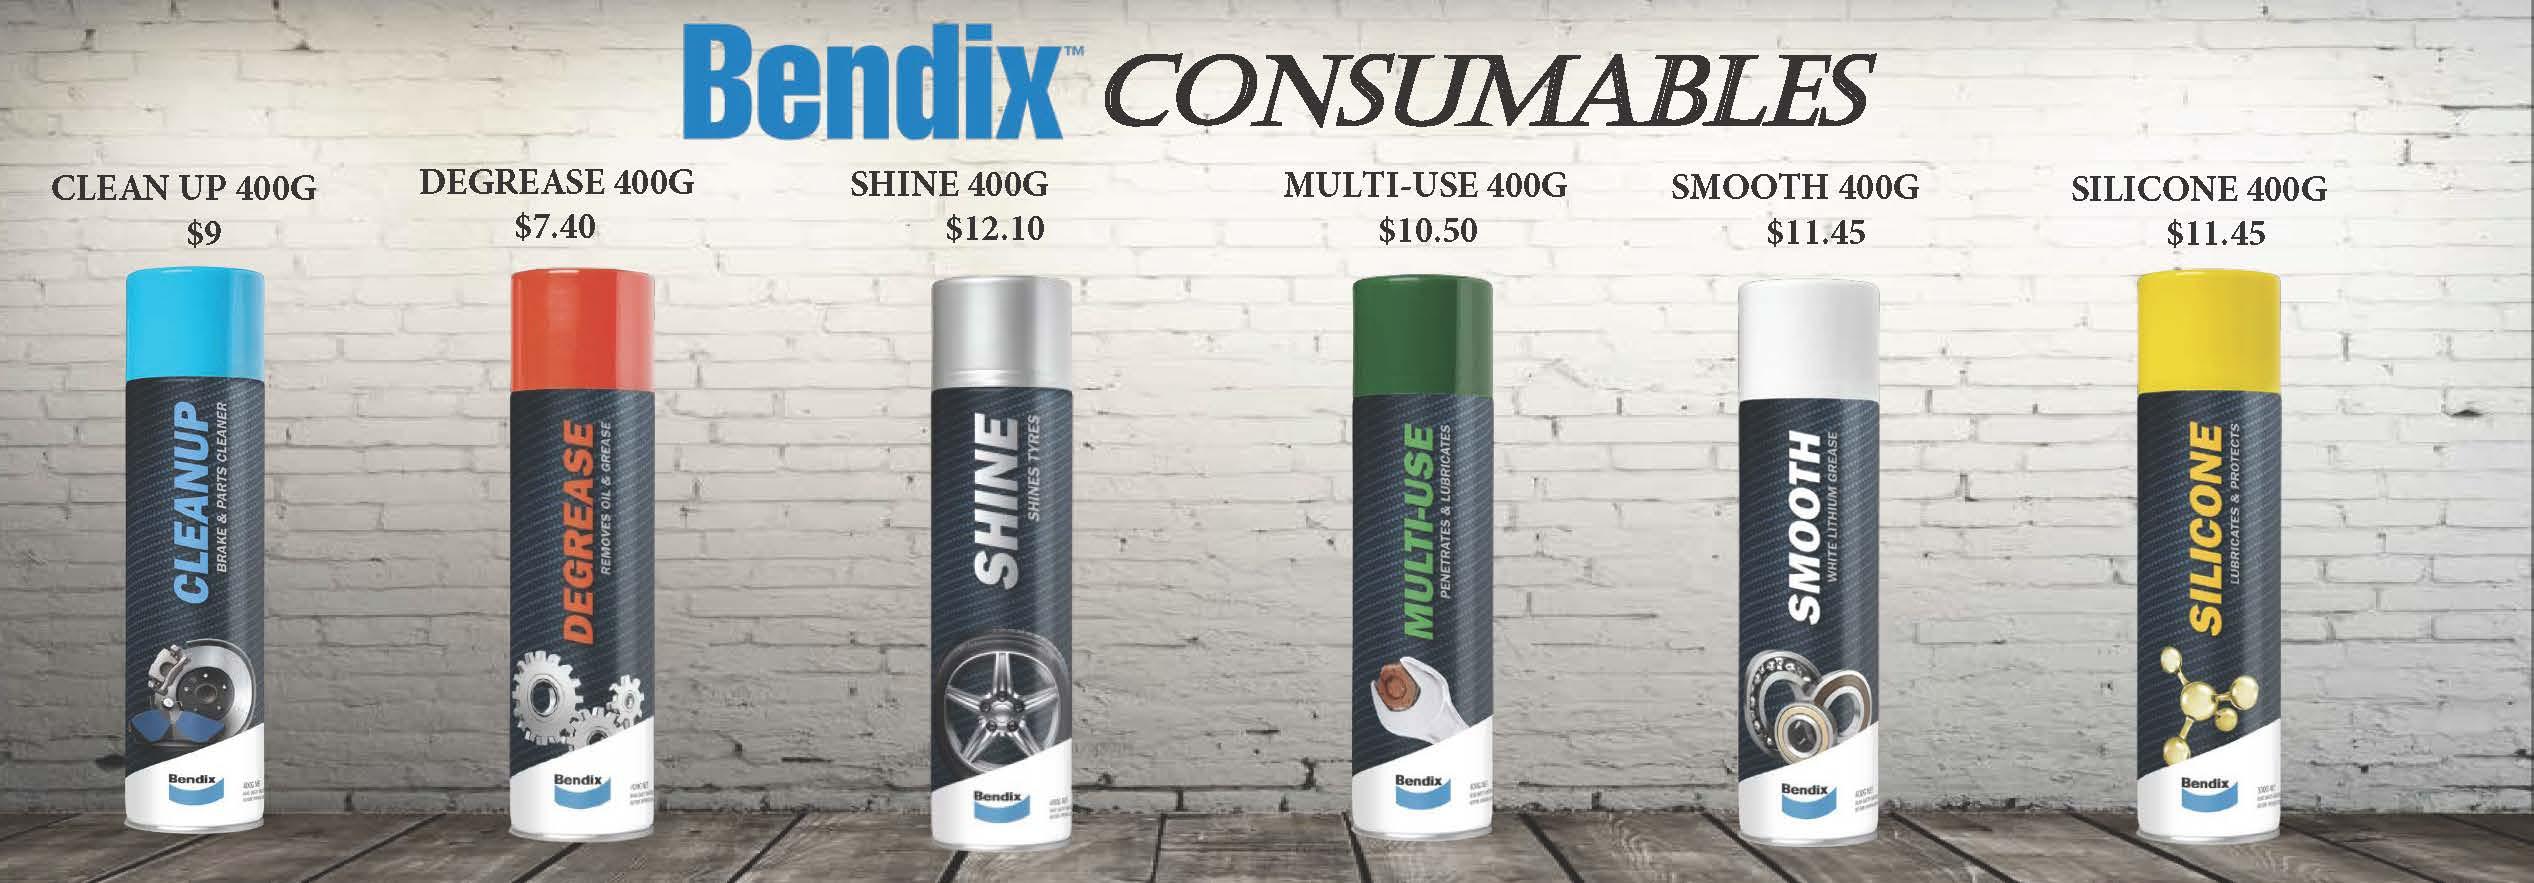 Bendix Consumables